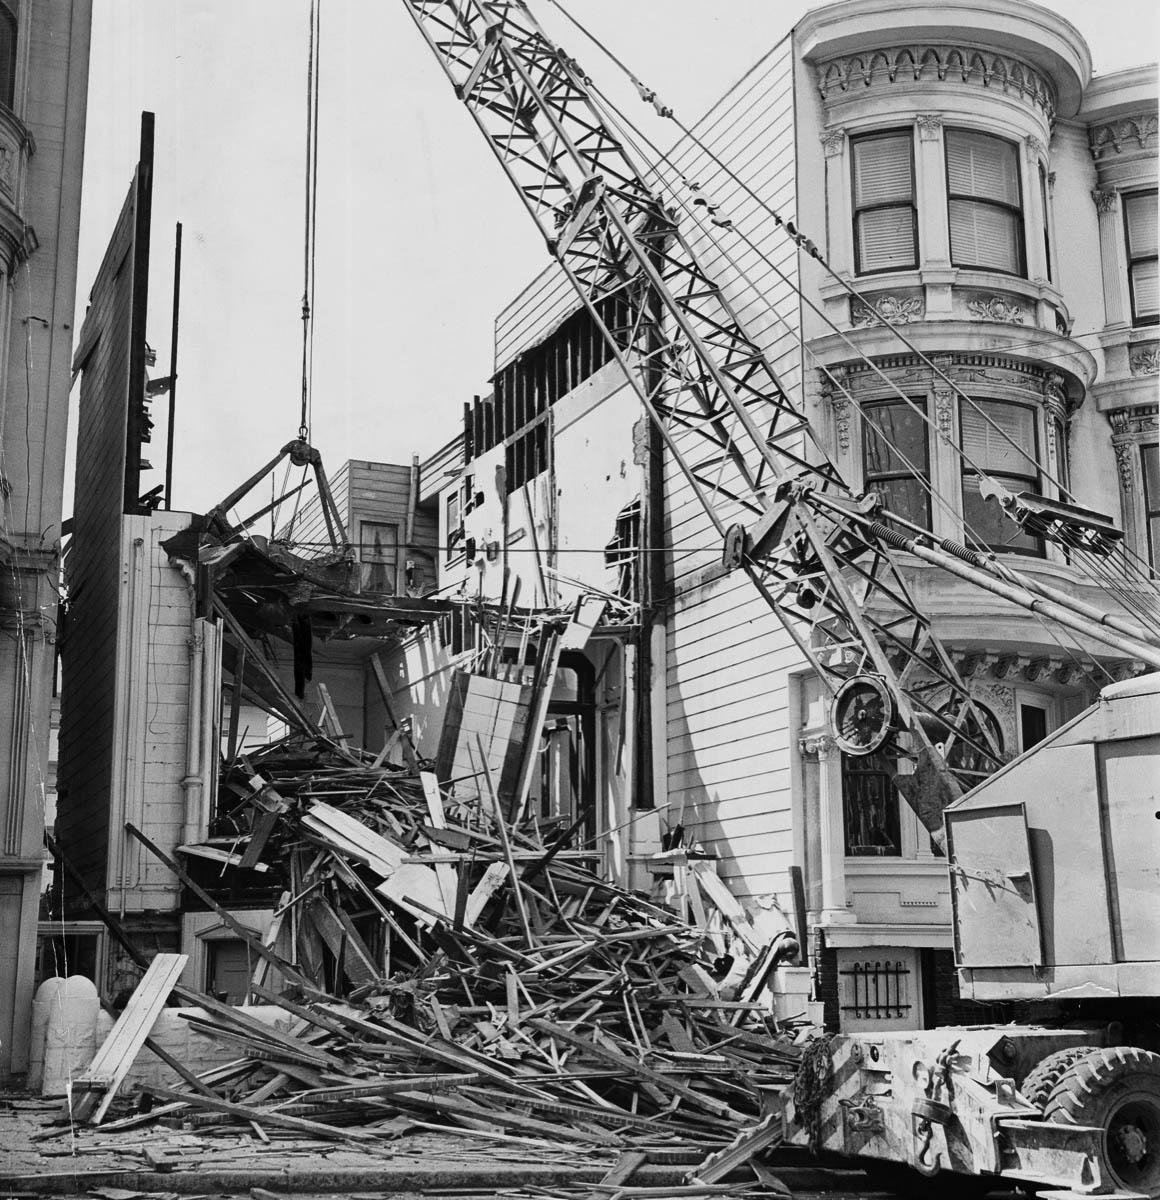 Trabajos de construcción de vivienda en San Francisco, California. Foto: https://www.collectorsweekly.com.